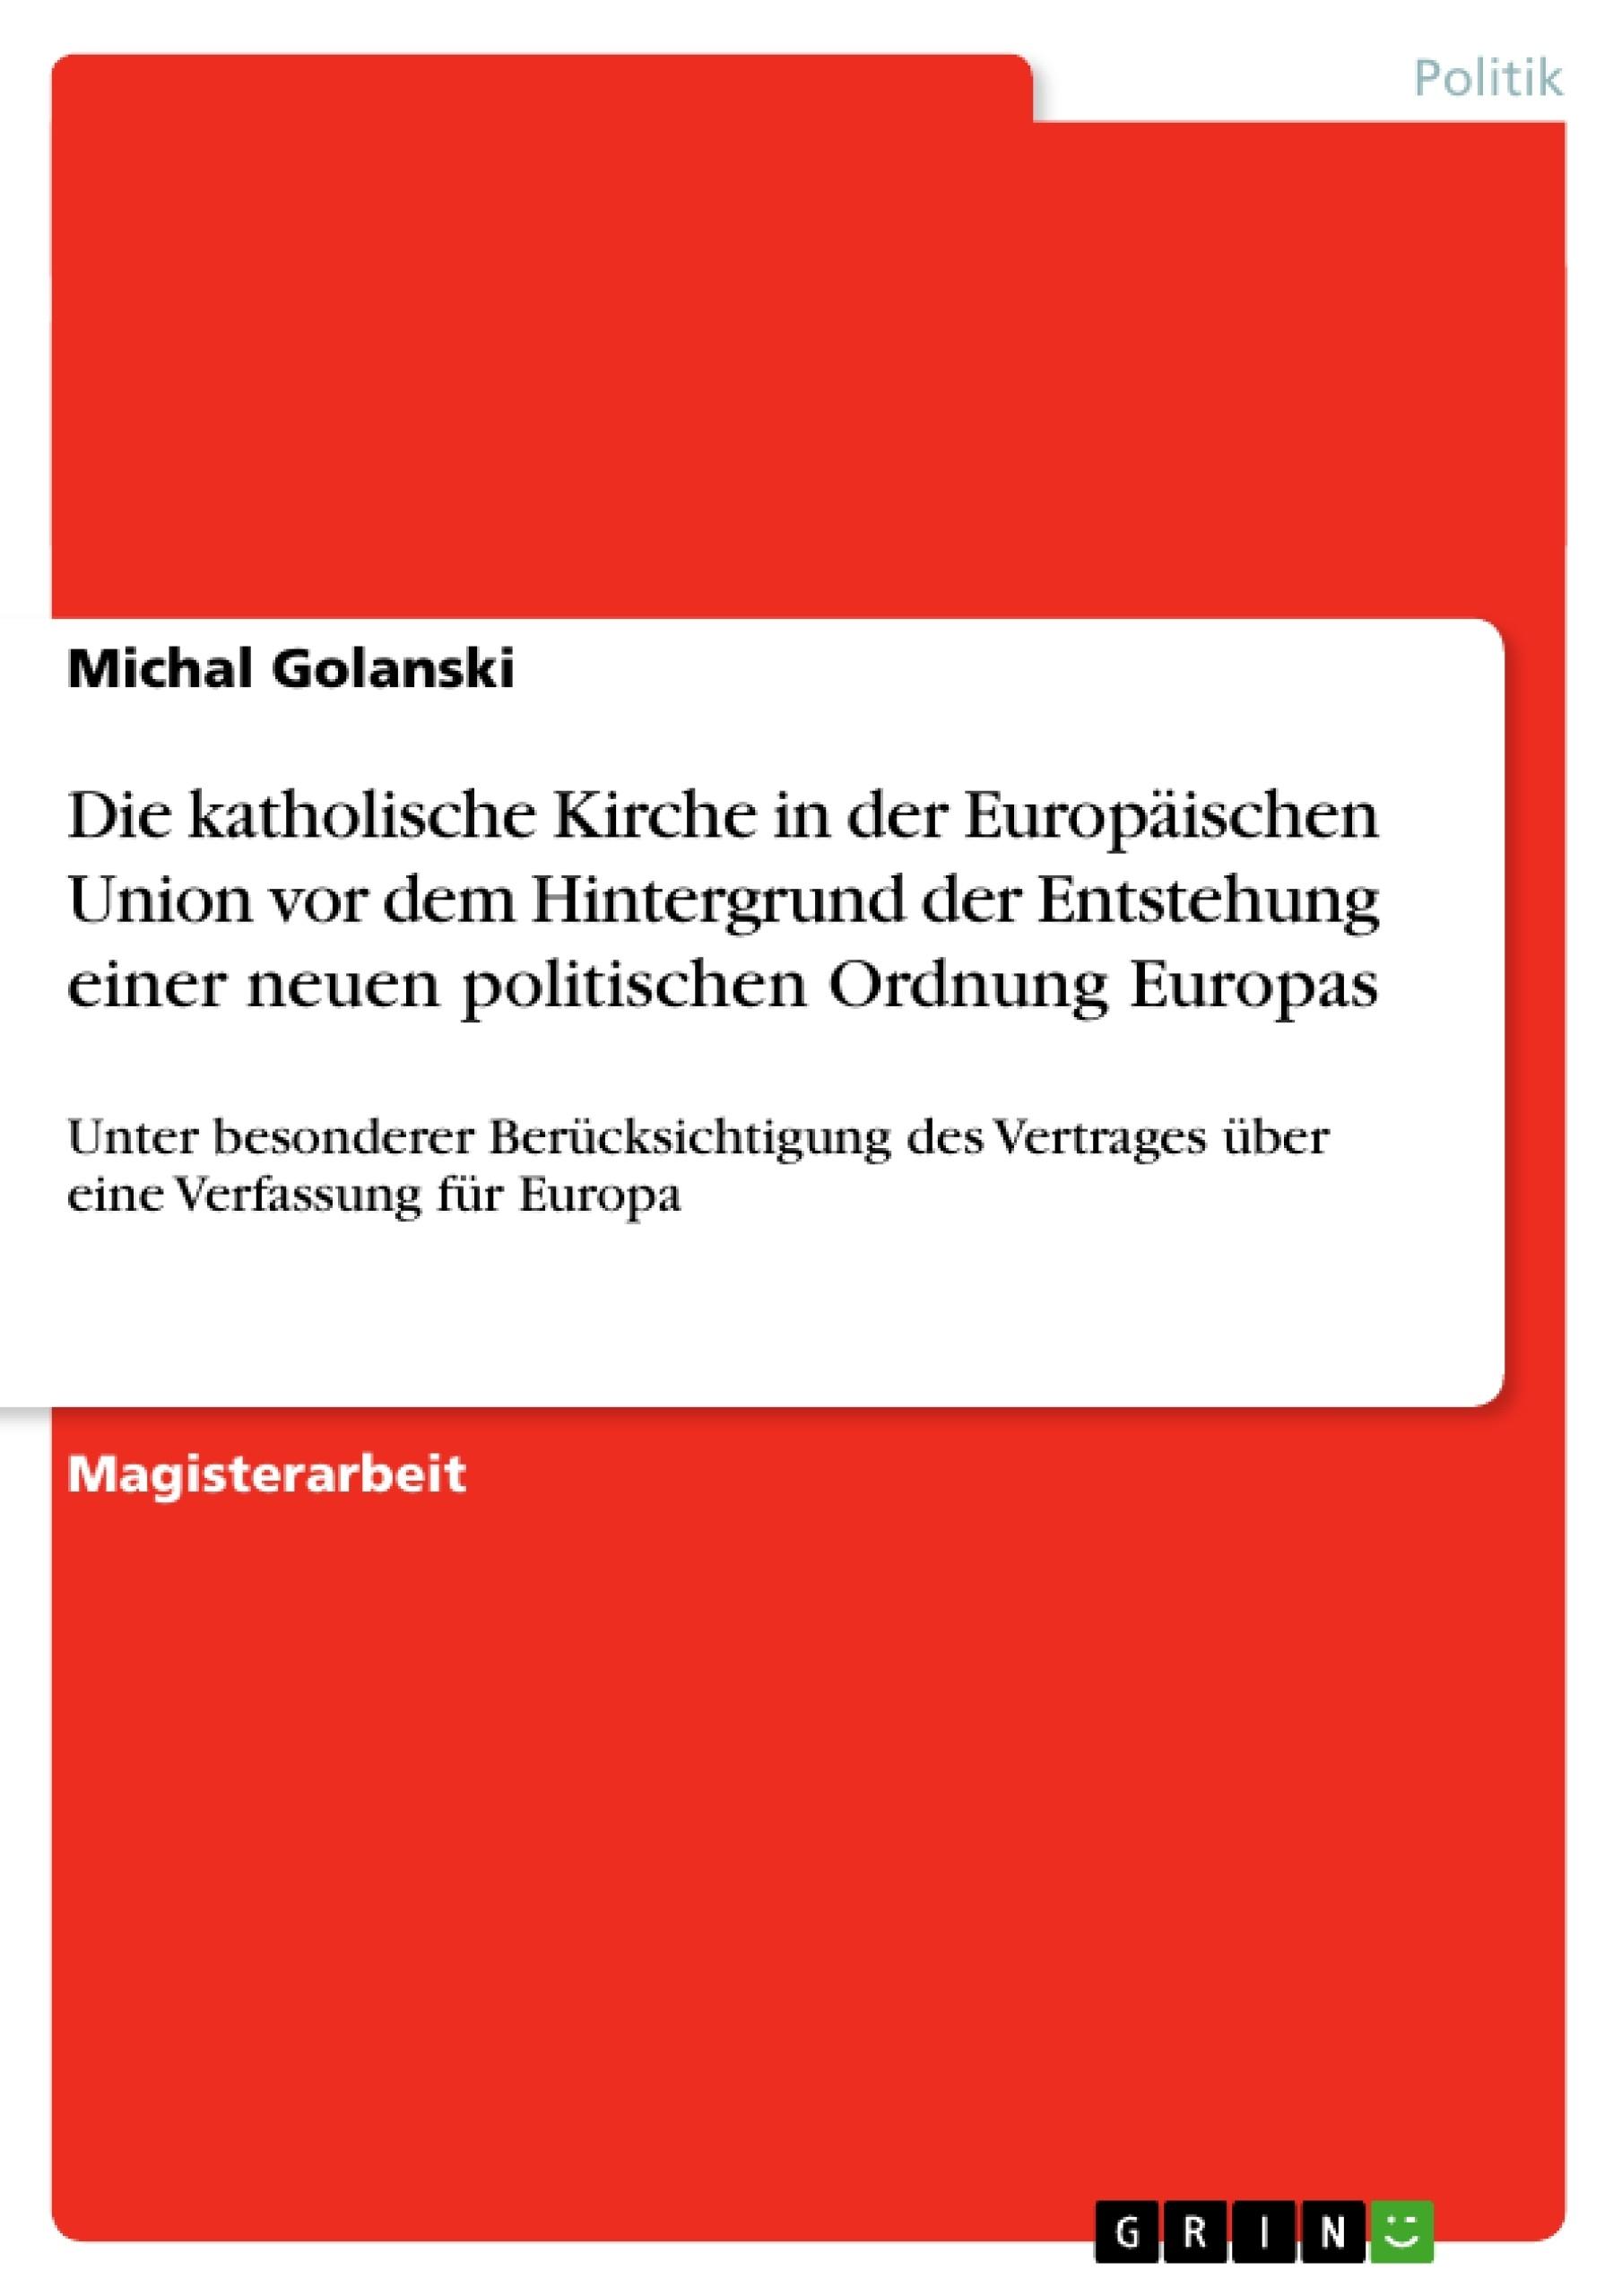 Titel: Die katholische Kirche in der Europäischen Union vor dem Hintergrund der Entstehung  einer neuen politischen Ordnung Europas